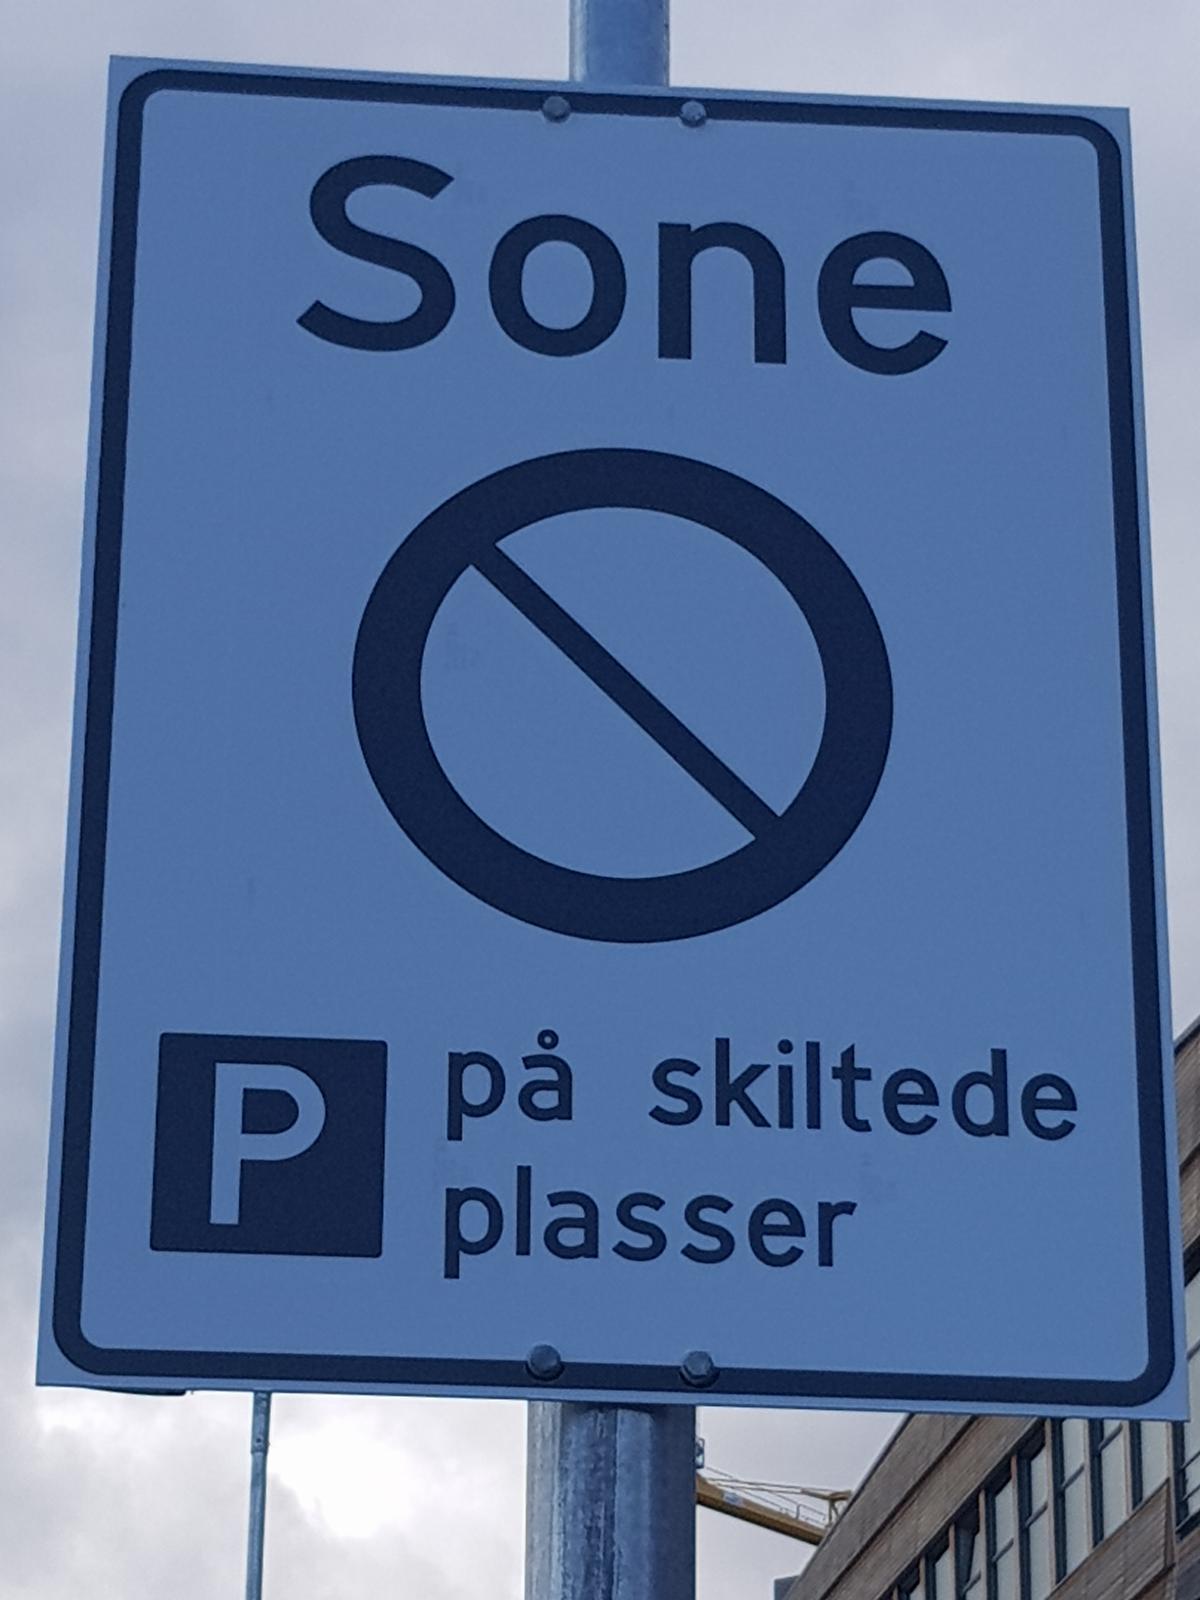 parkering.jpg